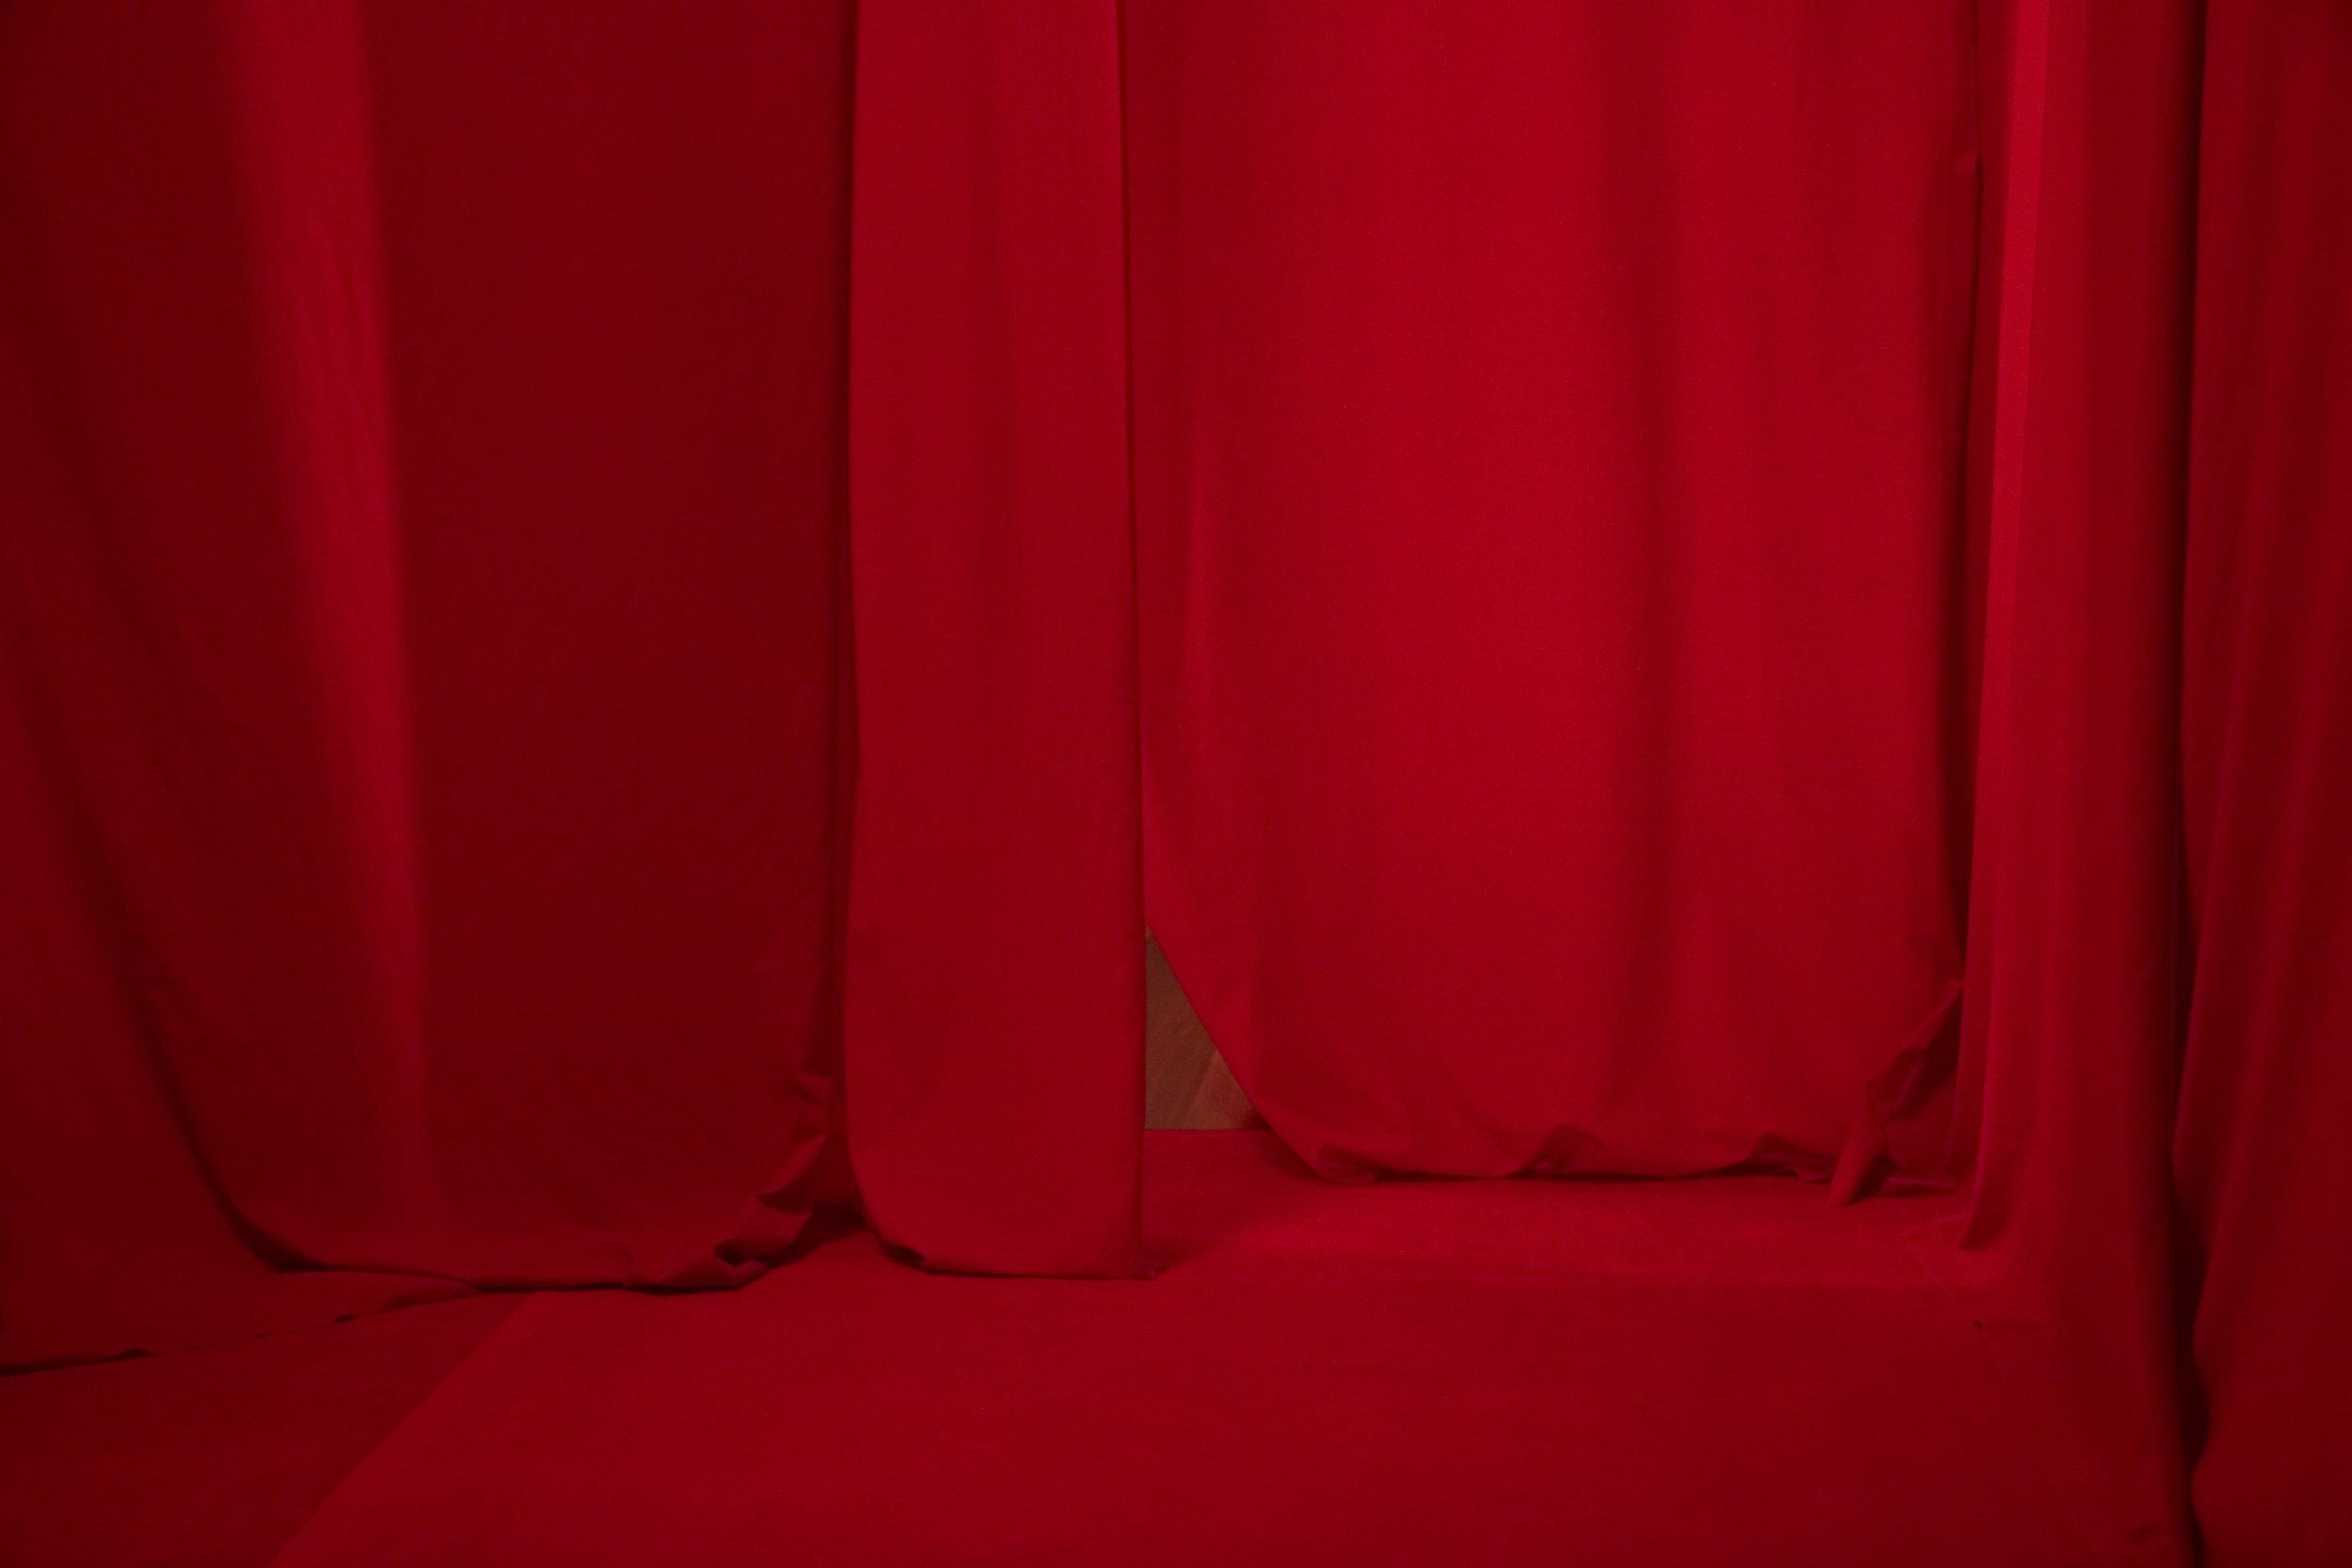 Instalação de Arte Penetrável Vermelho - Ana Biolchini - Brasil